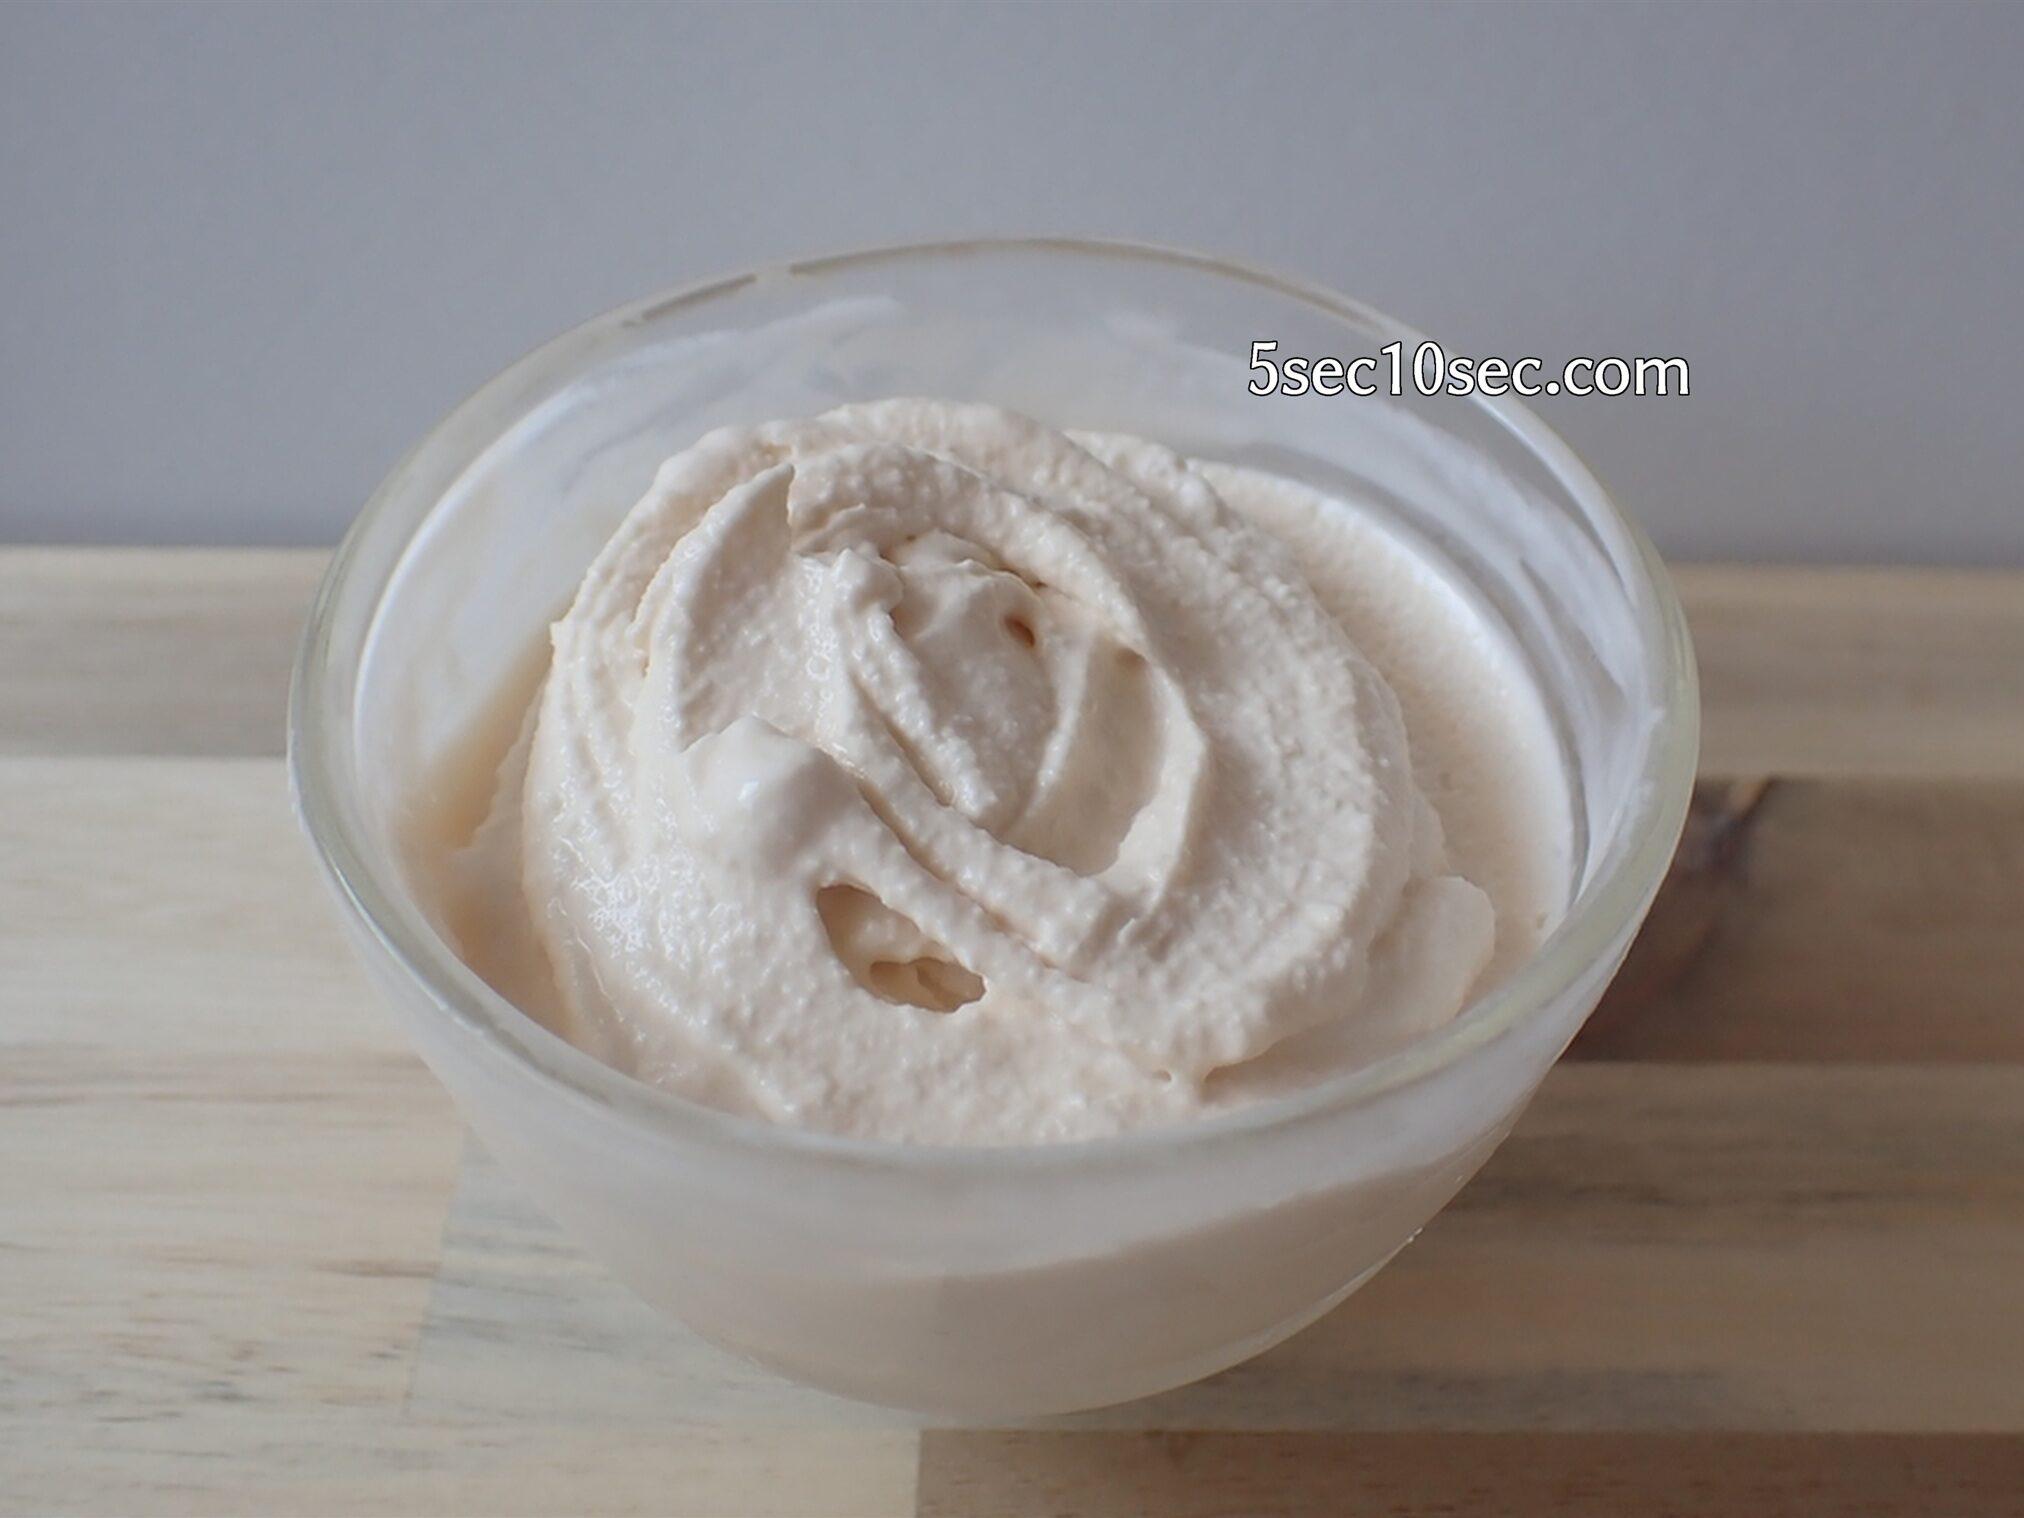 貝印 アイスクリームメーカー リラックマで作った自宅、おうちで作れるソフトクリーム